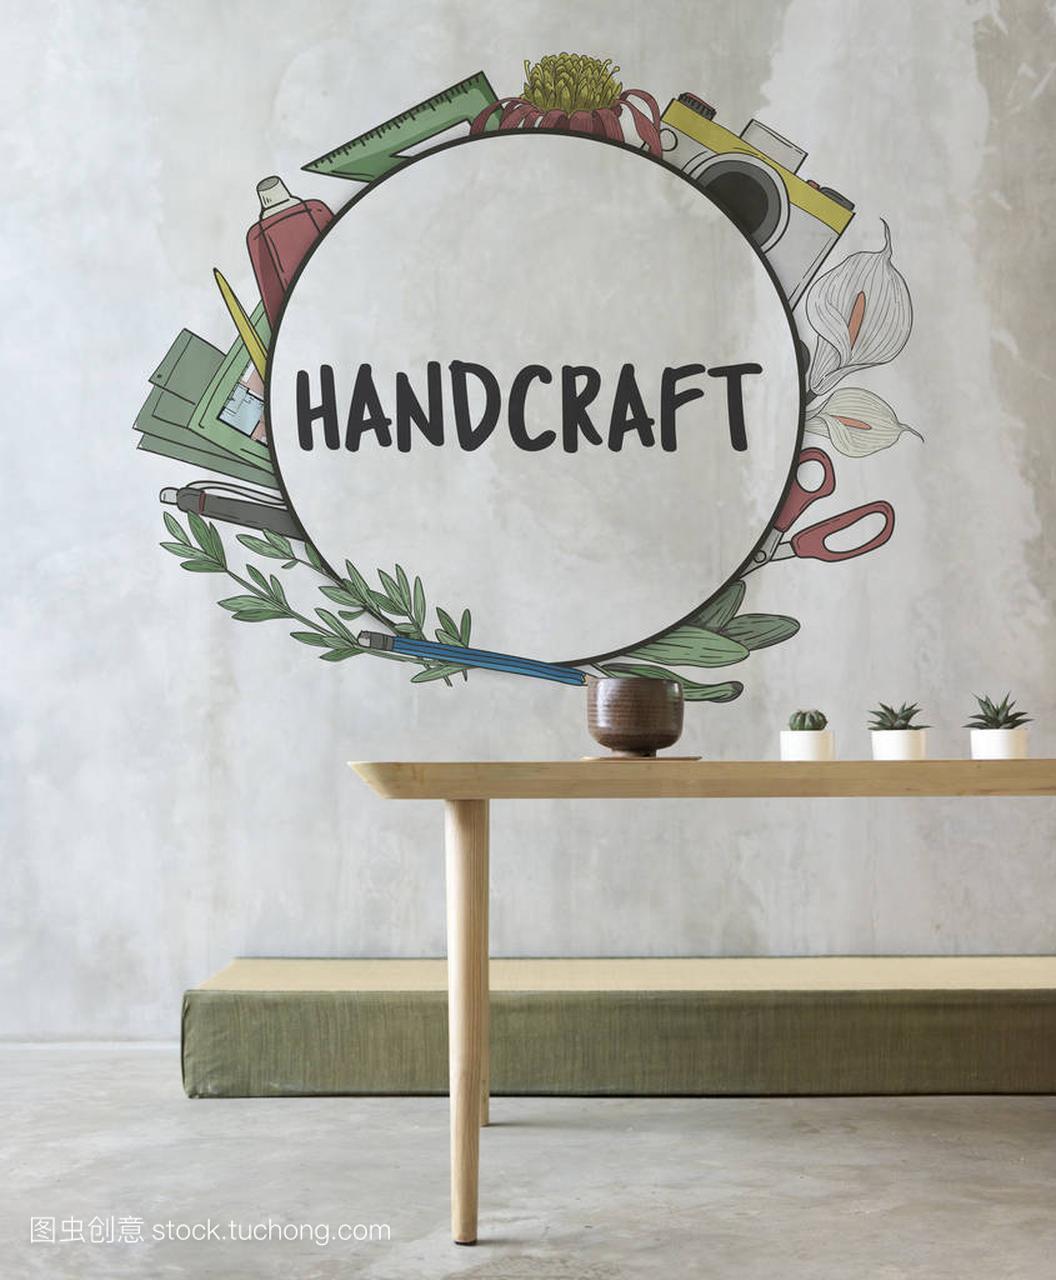 手工和木桌的概念3d渲染步骤图片